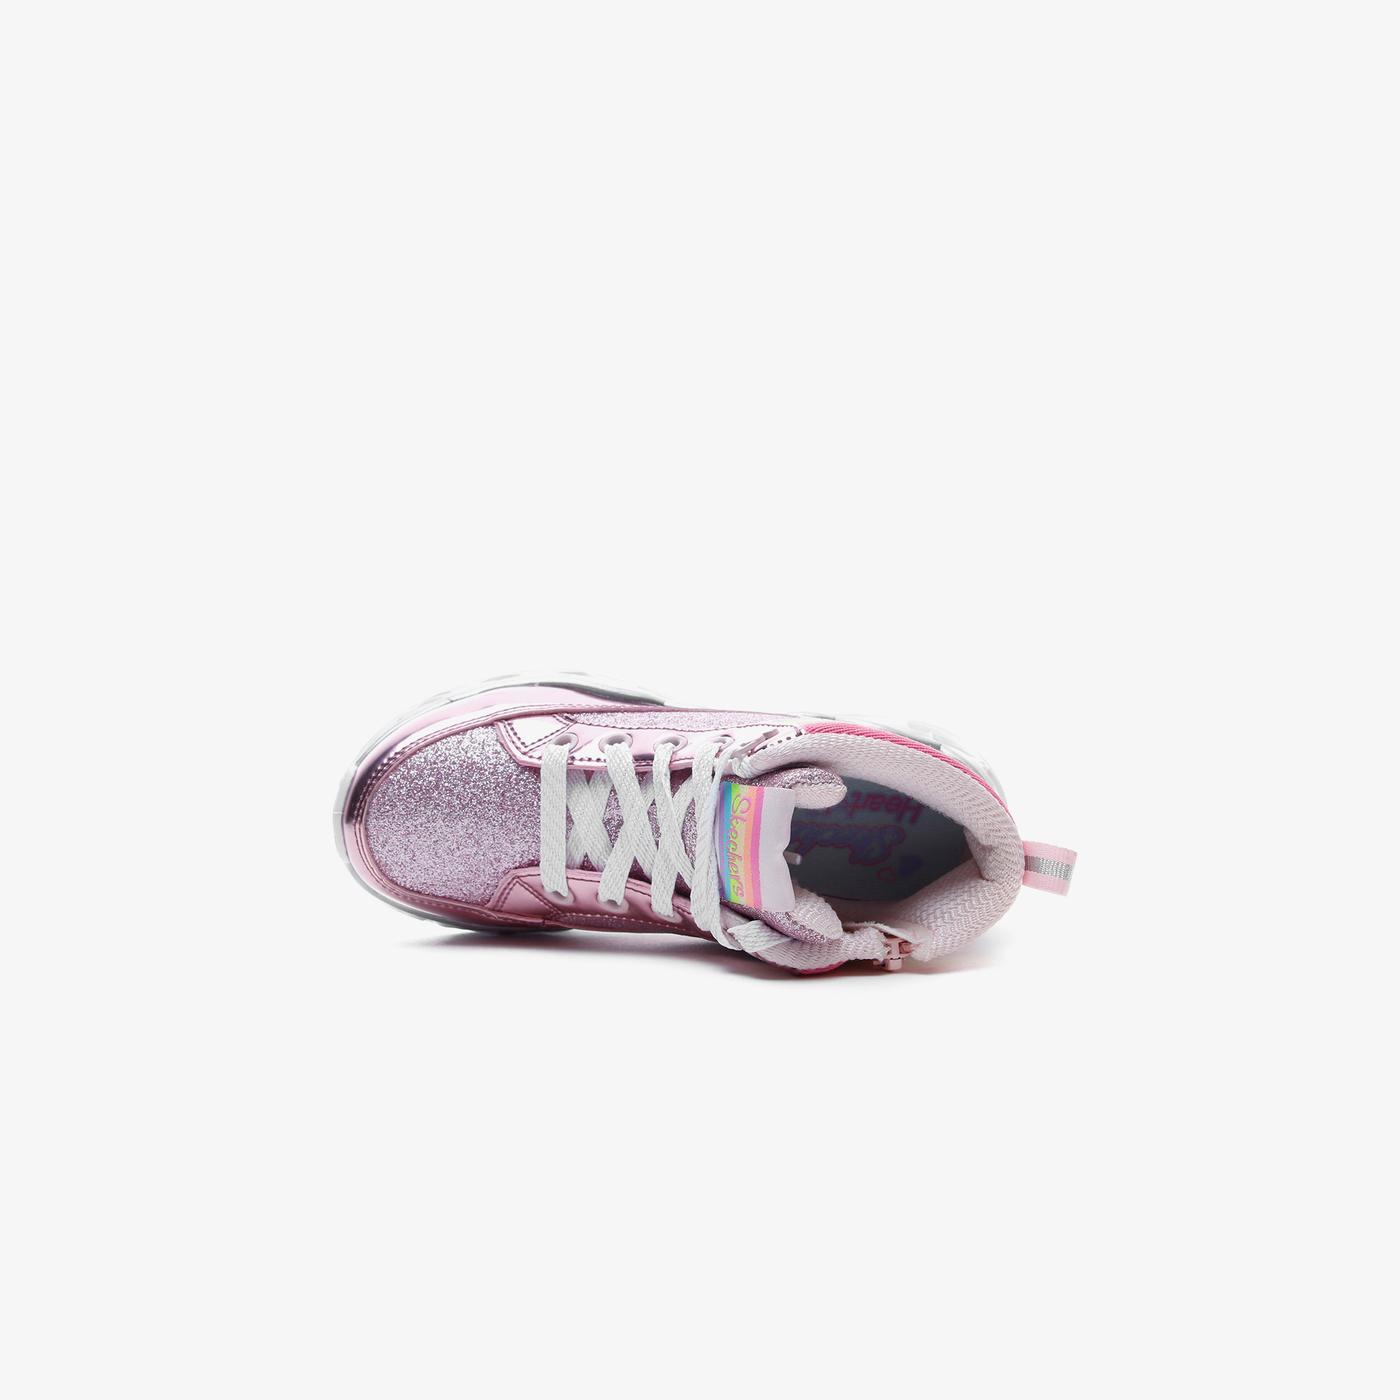 Skechers Heart Lights Işıklı Metalik Pembe Çocuk Spor Ayakkabı